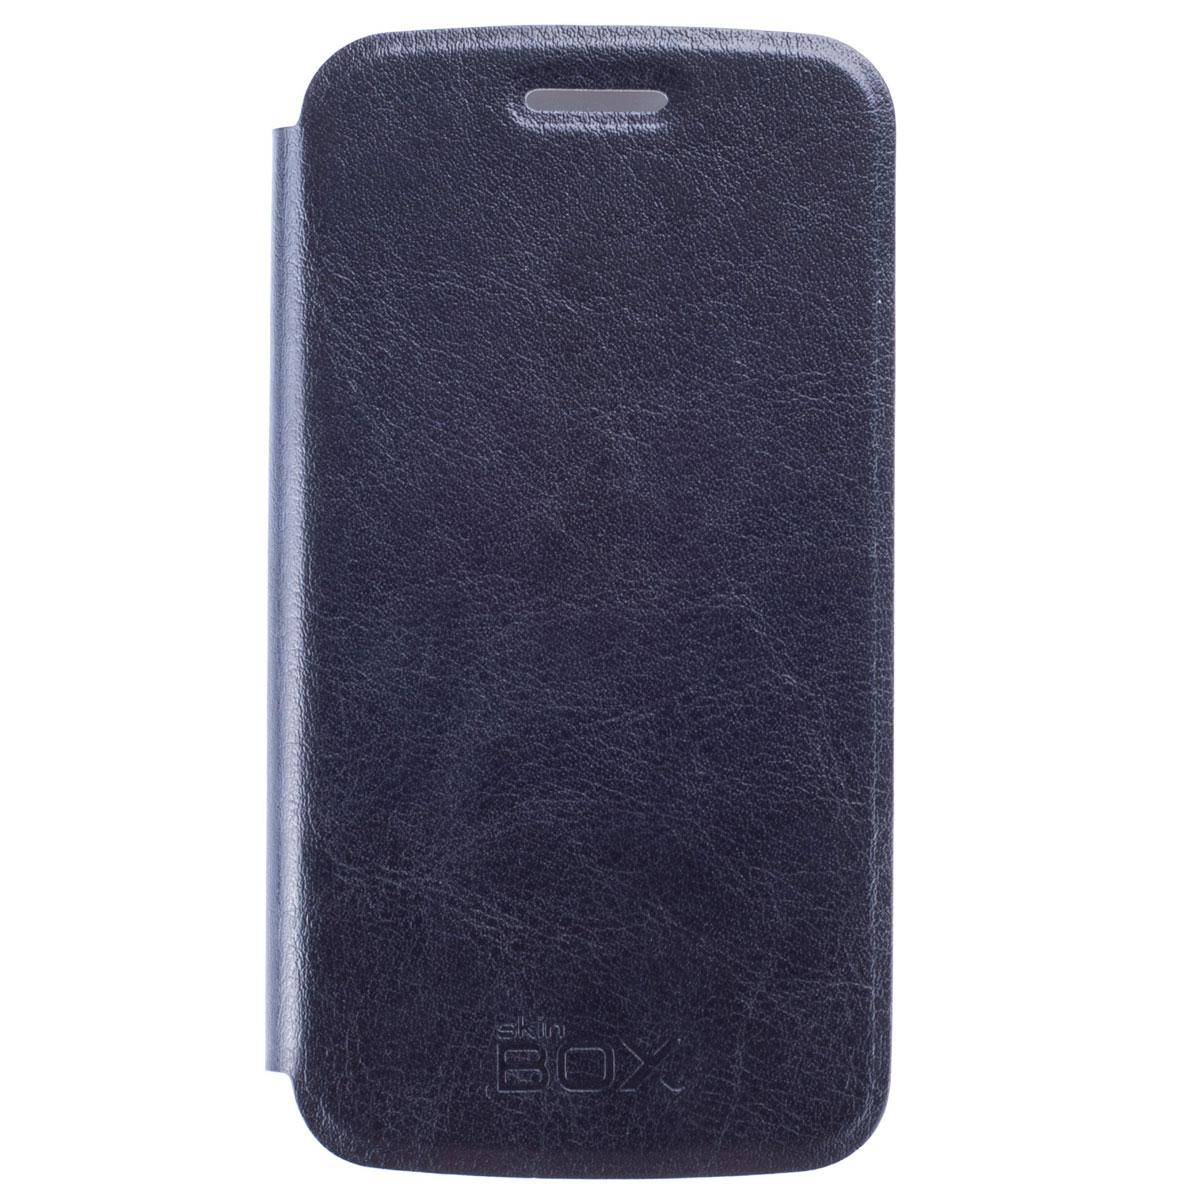 Skinbox Lux для Samsung Galaxy Ace 4 Lite, BlackT-S-SSMG313H-003Чехол Skinbox Lux выполнен из высококачественного поликарбоната и экокожи. Он обеспечивает надежную защиту корпуса и экрана смартфона и надолго сохраняет его привлекательный внешний вид. Чехол также обеспечивает свободный доступ ко всем разъемам и клавишам устройства.